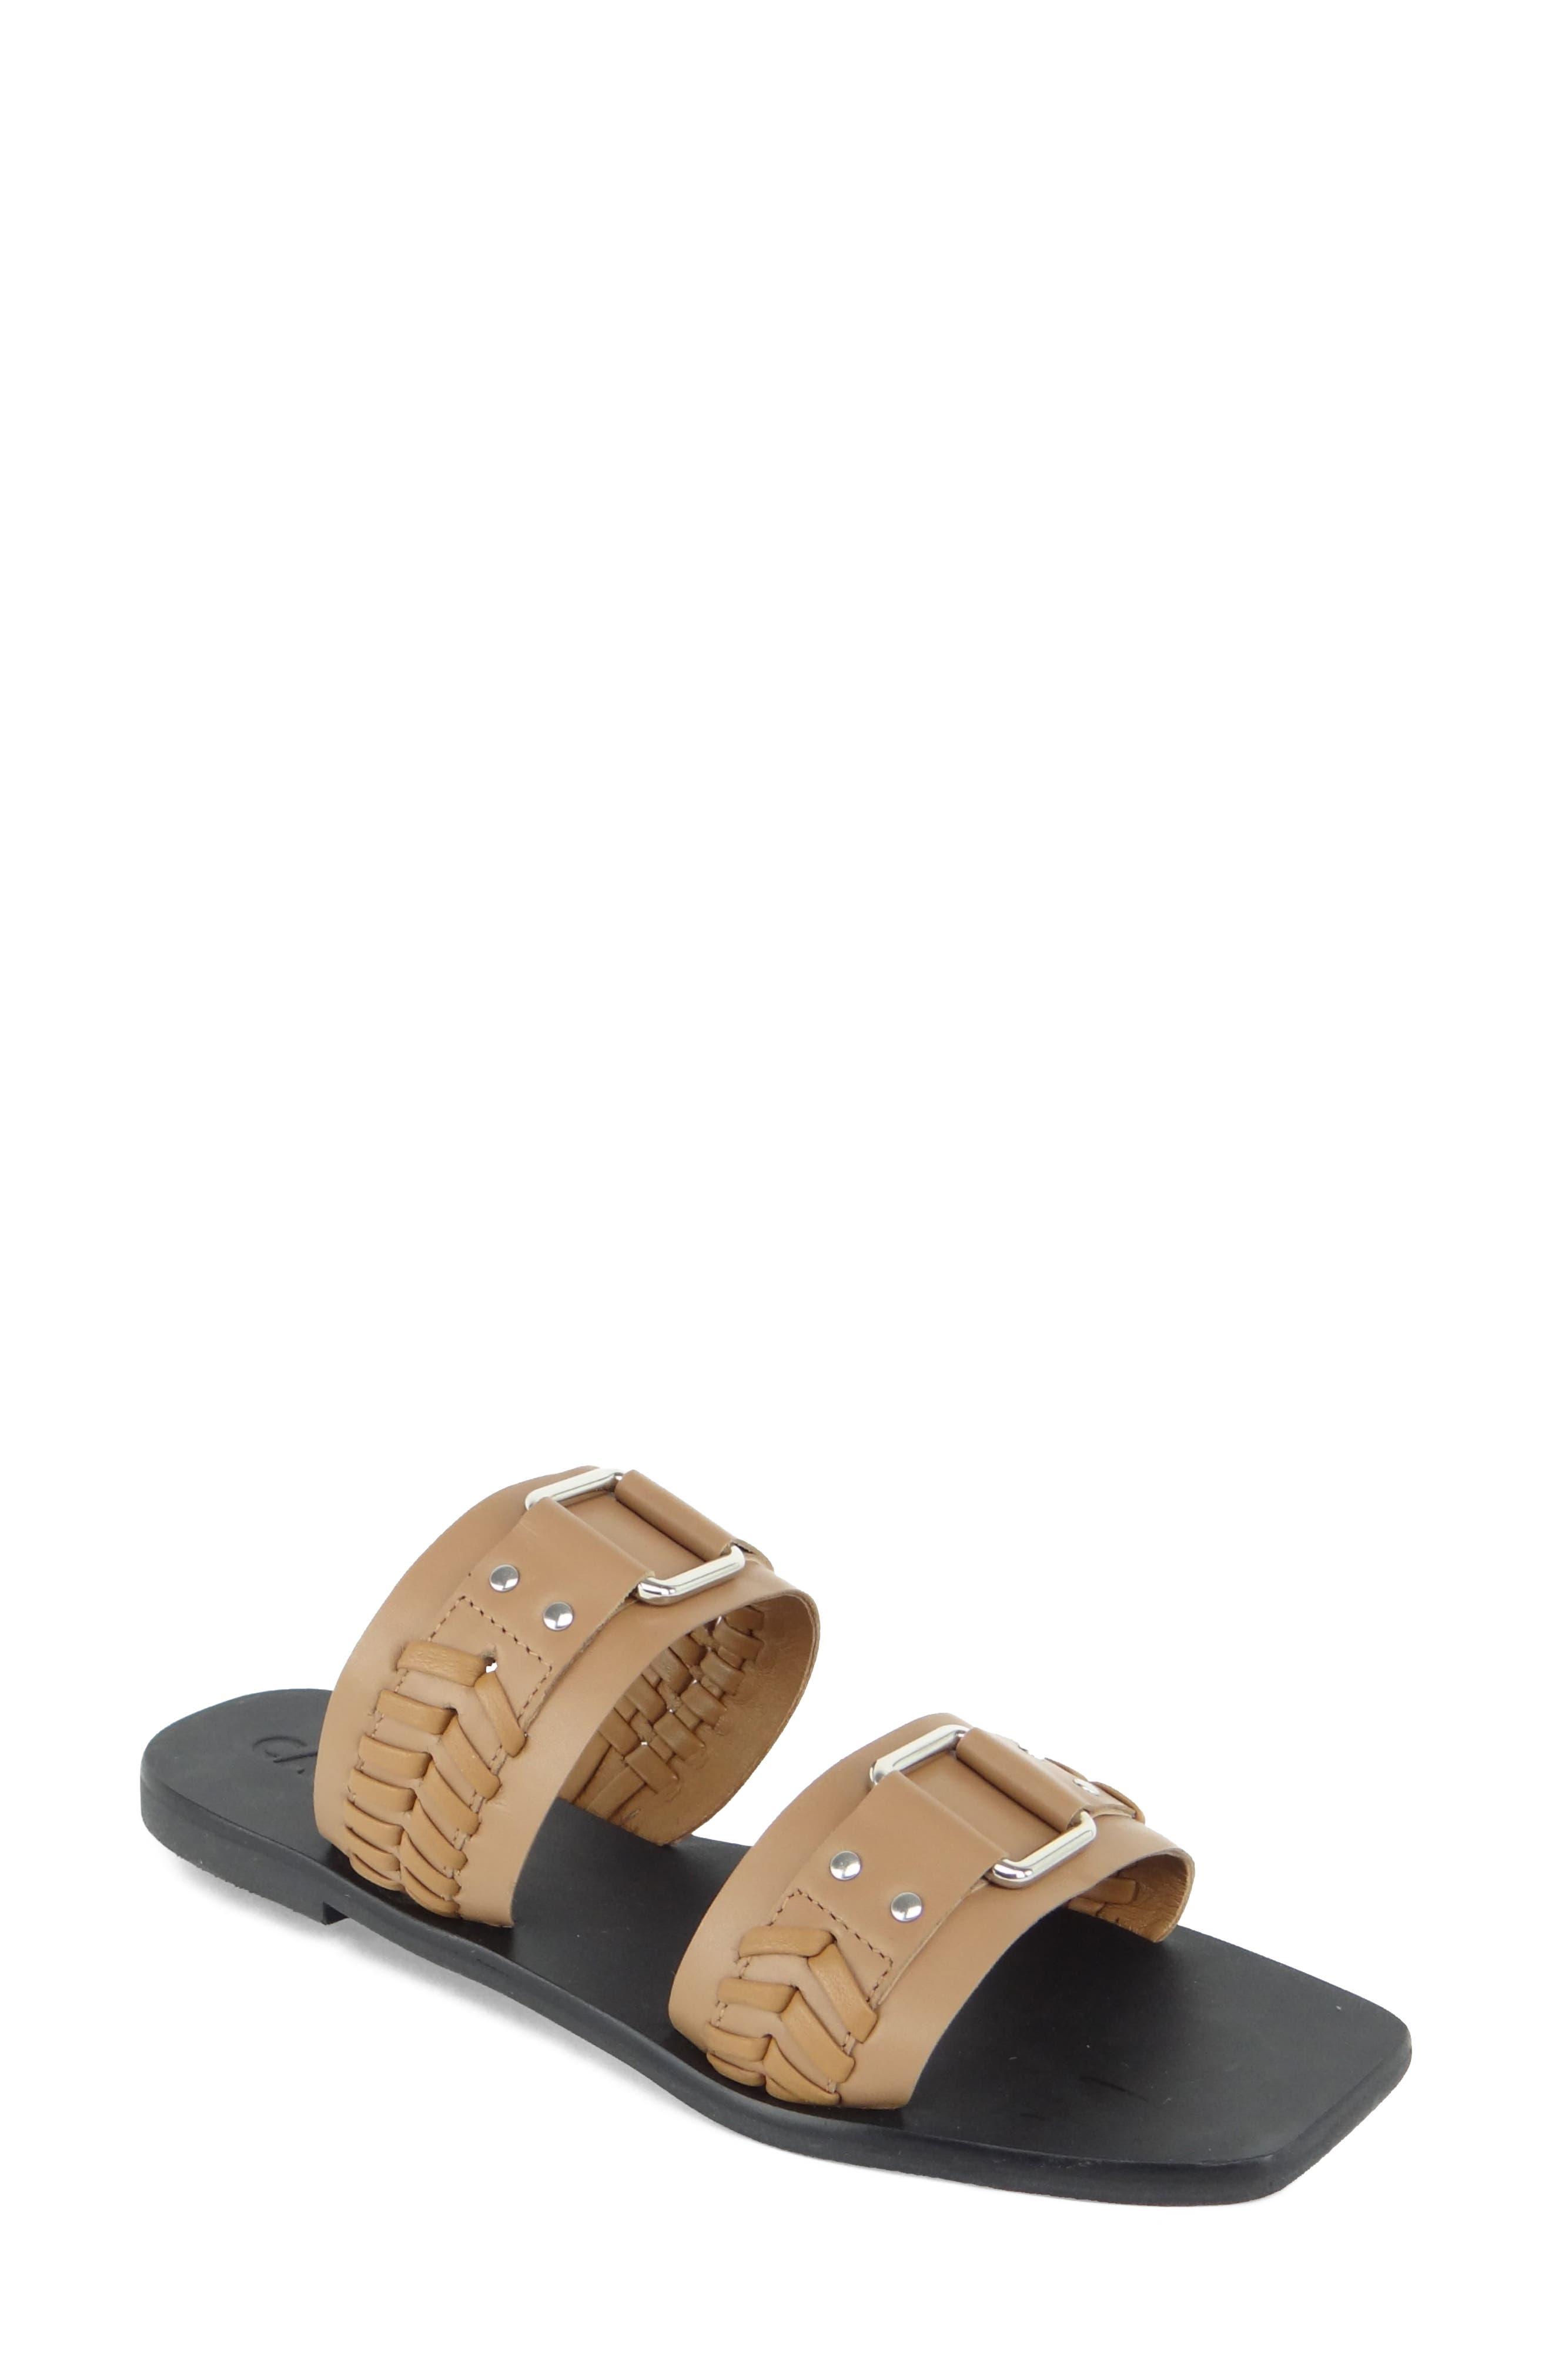 CAVERLEY CAVERLY Tabby Slide Sandal